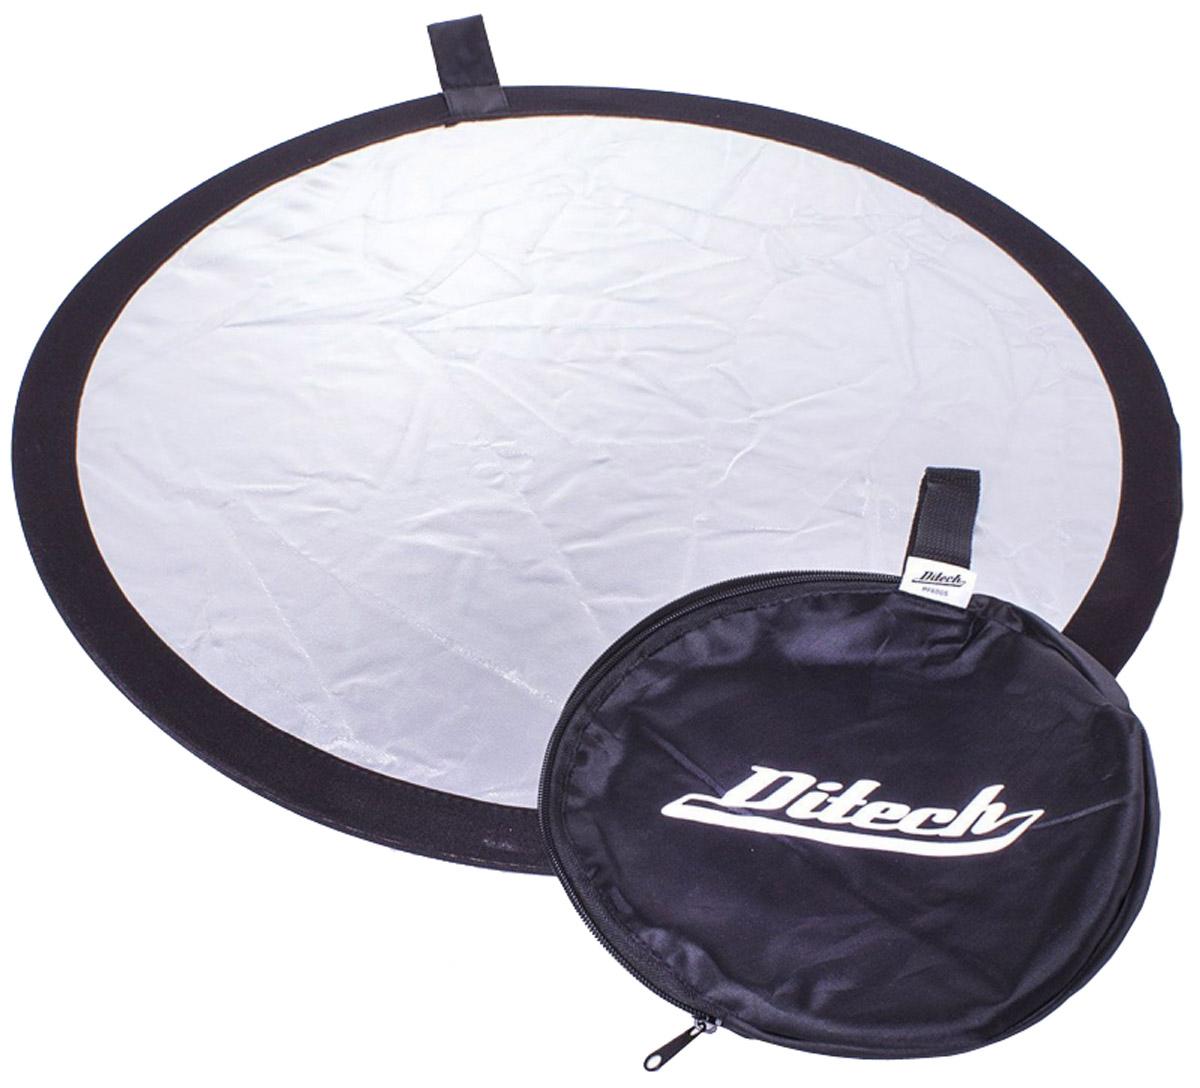 Ditech RF60WS, White Silver отражательRF60WSОтражатель Ditech RF60 предназначен для рассеивания светового потока и создания комфортных условий для снимков. Он станет незаменимым дополнением при съемке с естественным освещением. Используется для студийной или выездной фотосессии.